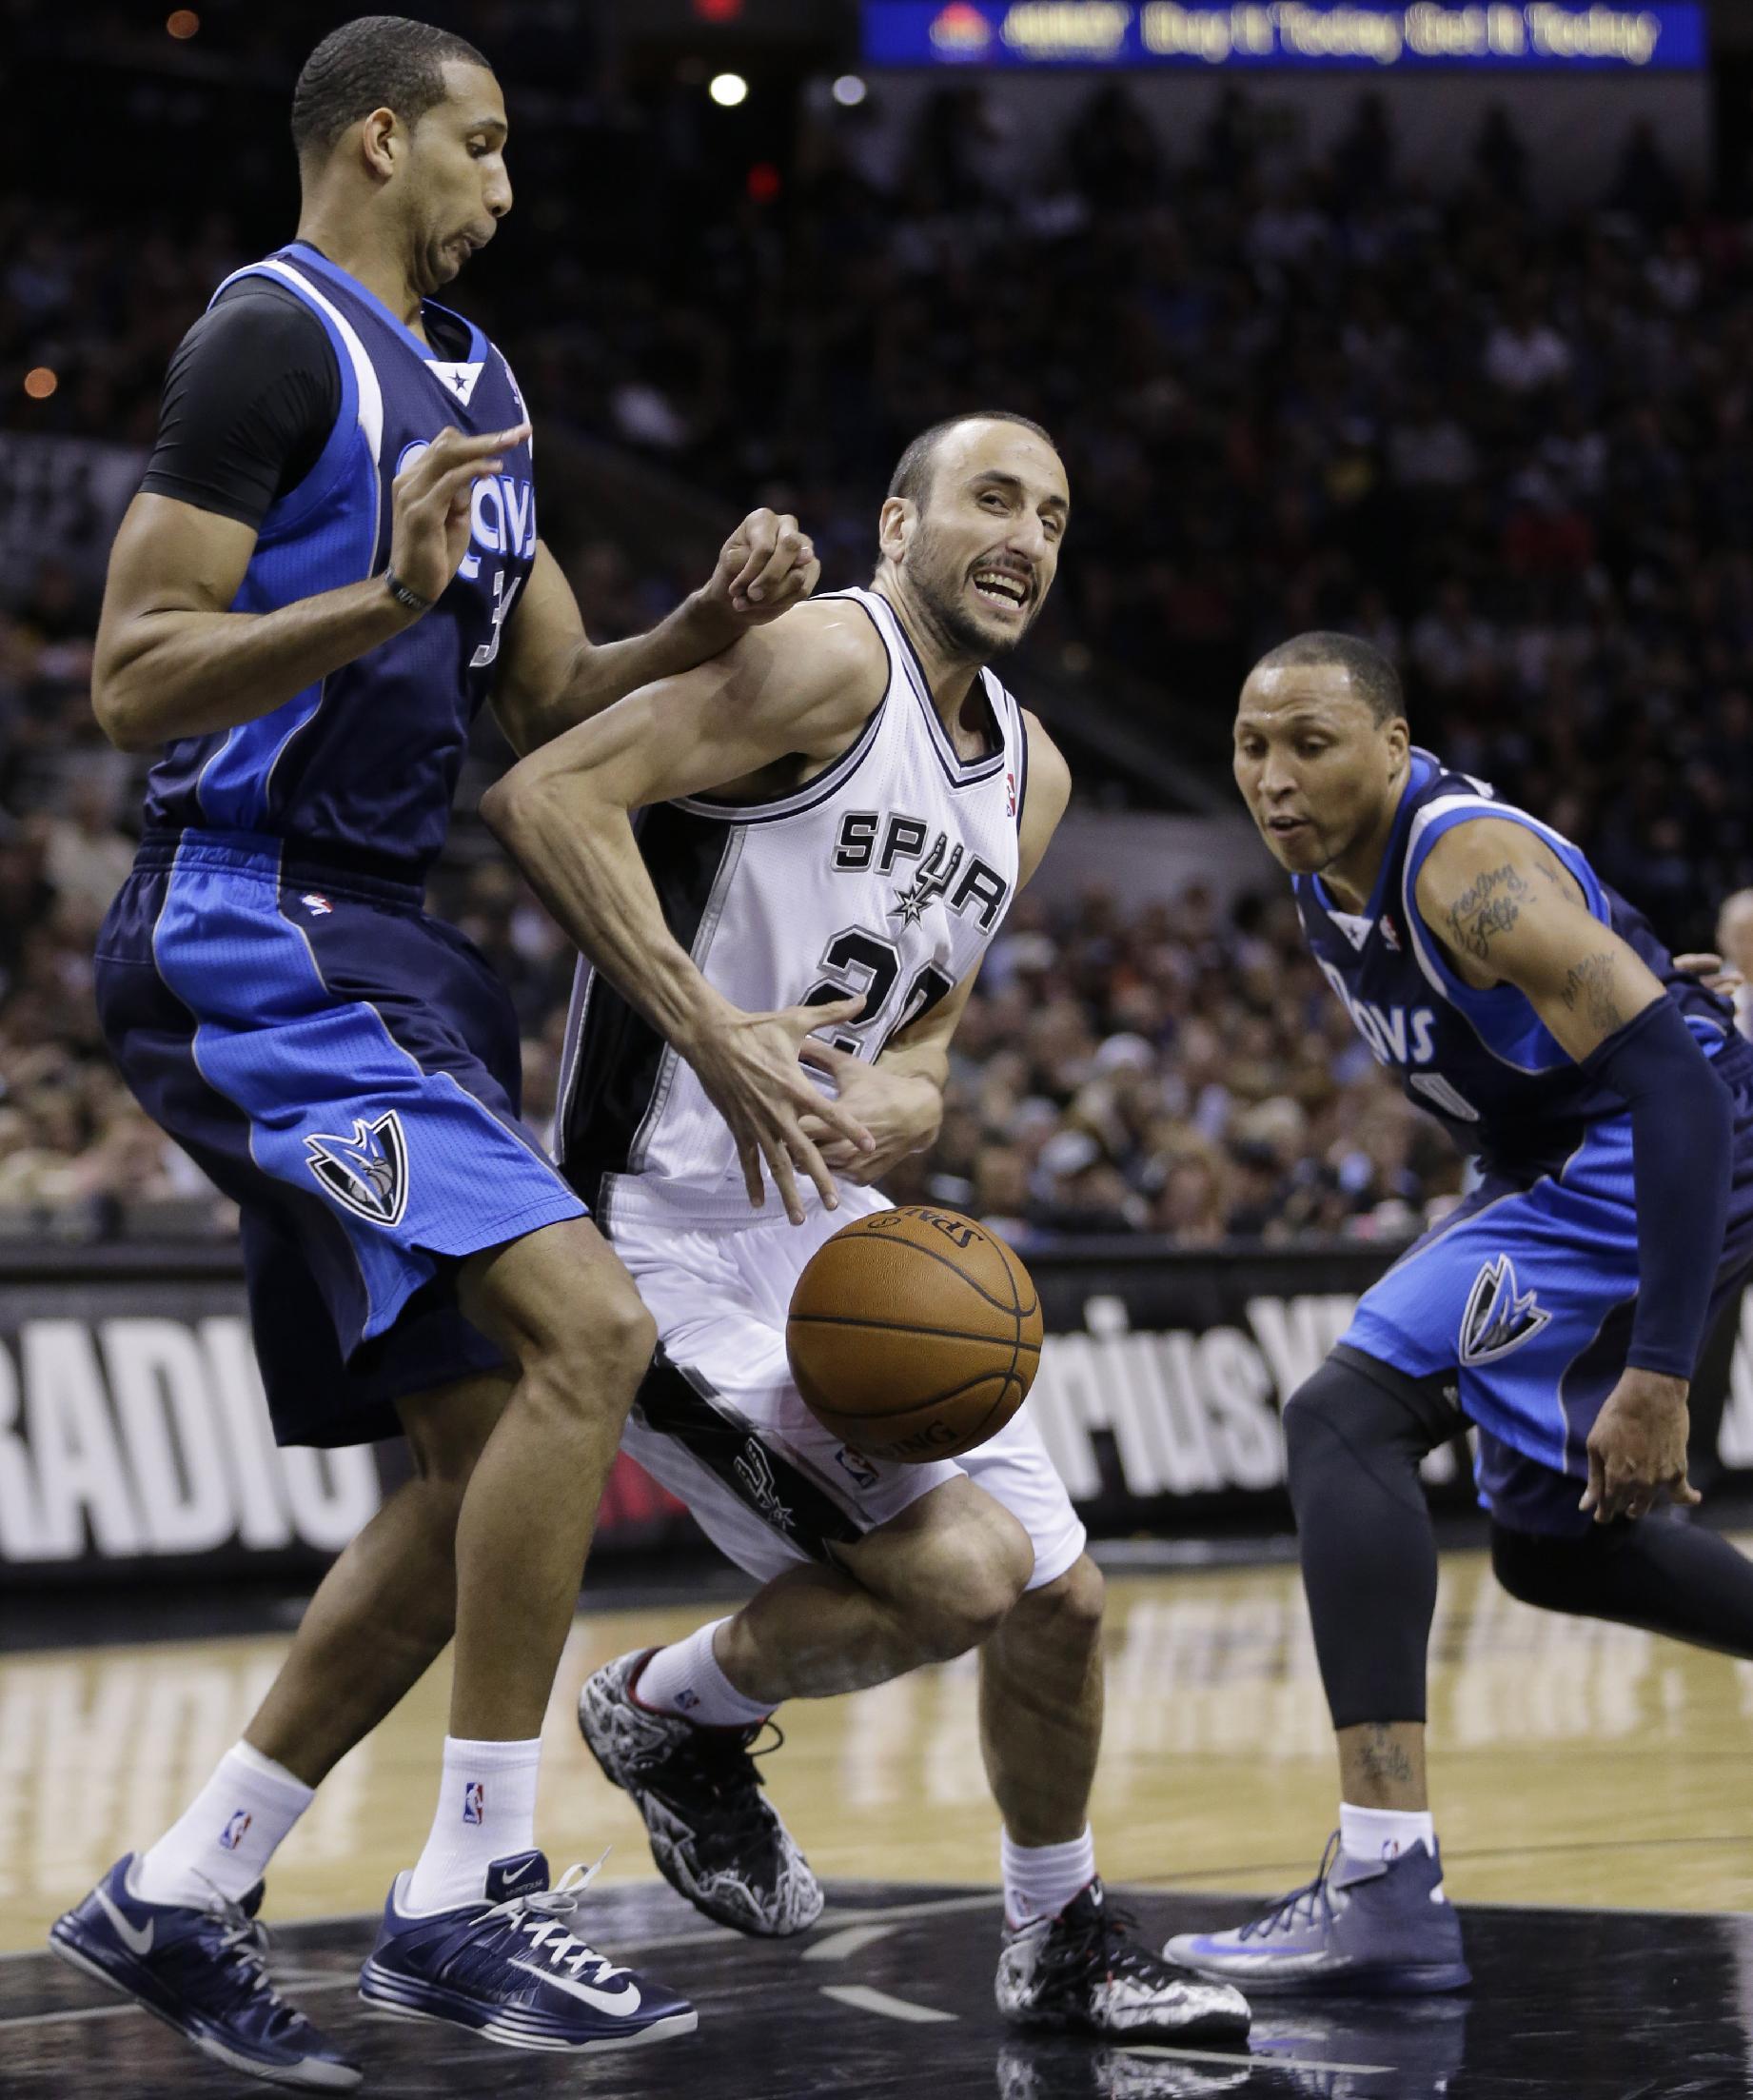 San Antonio Spurs Nba: Nba Basketball Playoffs, Shawn Marion And Basketball